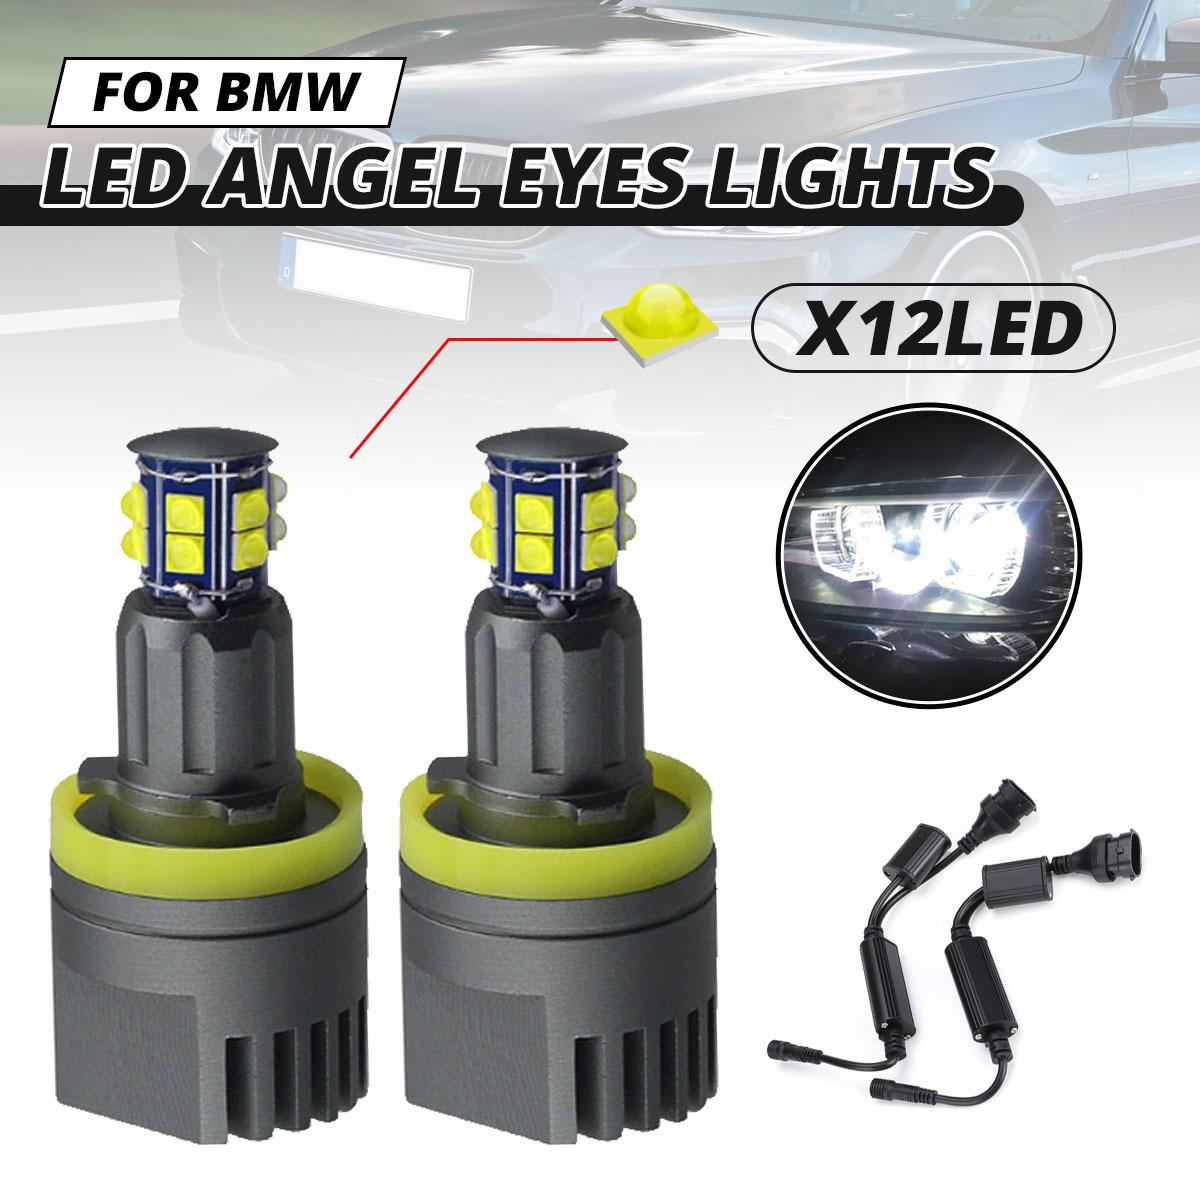 2 × 120 ワットH8 LEDエンジェル アイズフォグランプ ヘッドライトCANBUS BMW E60 E61 E63 X5 E70 X6 E71 E90 E91 E92 E93 M3 E89 E_画像1